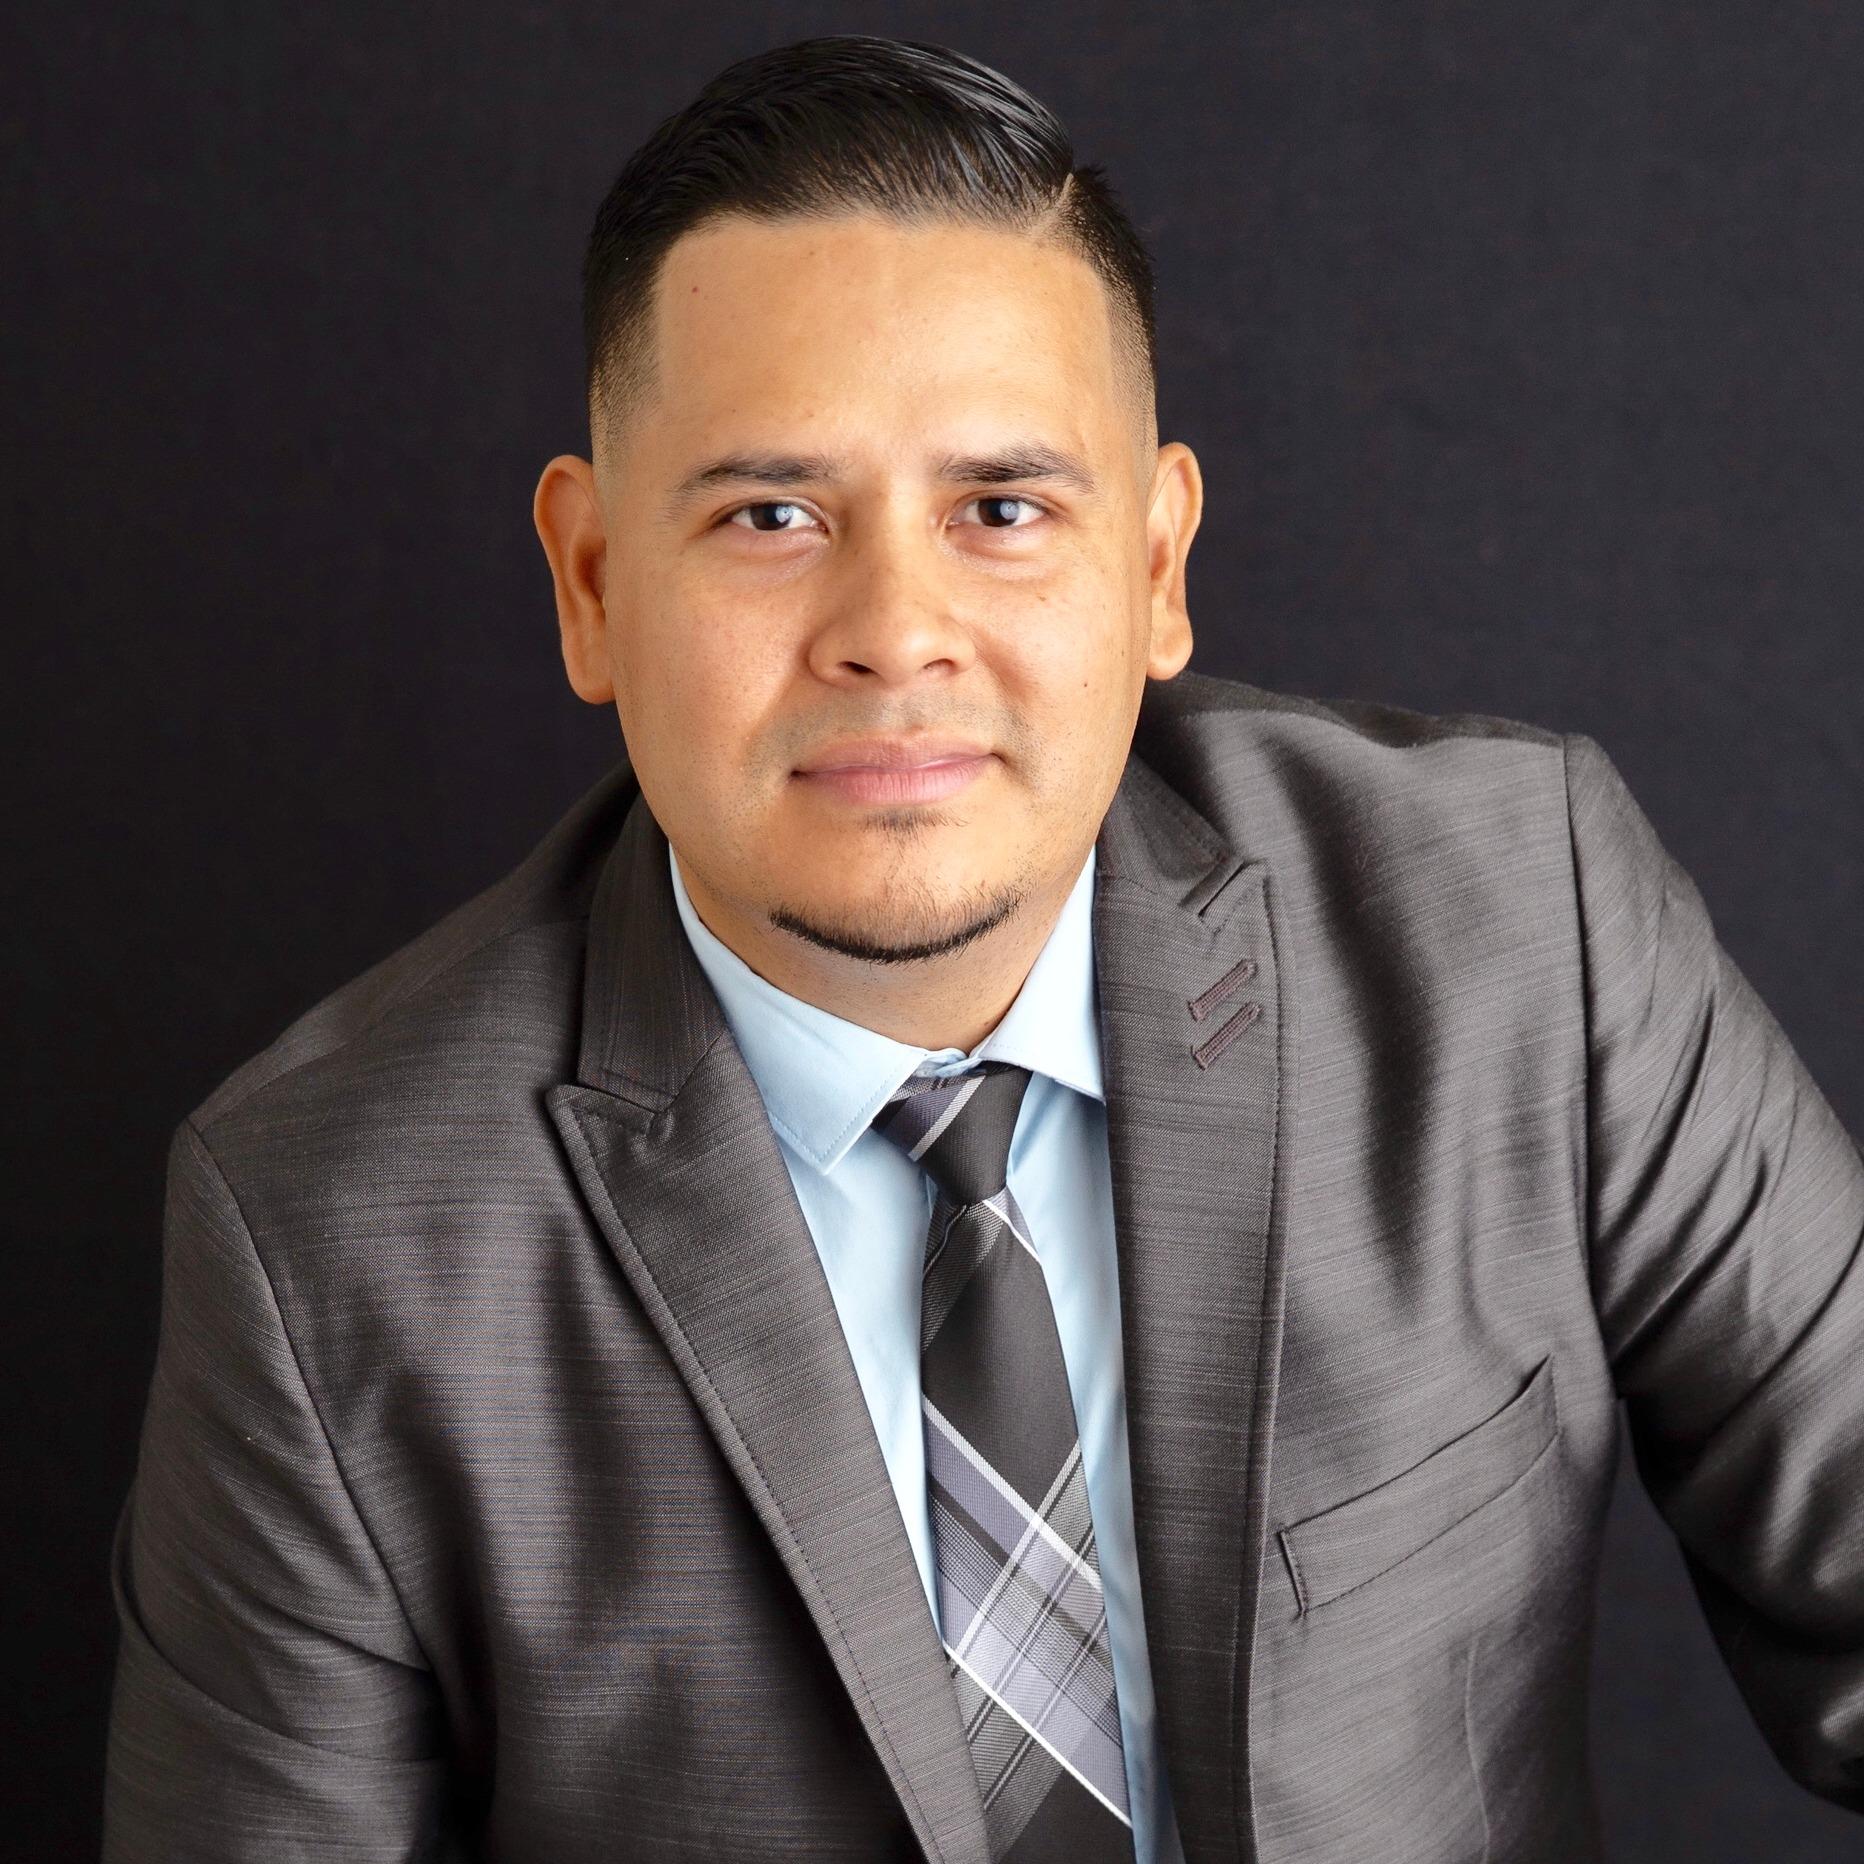 Pablo Alvarado